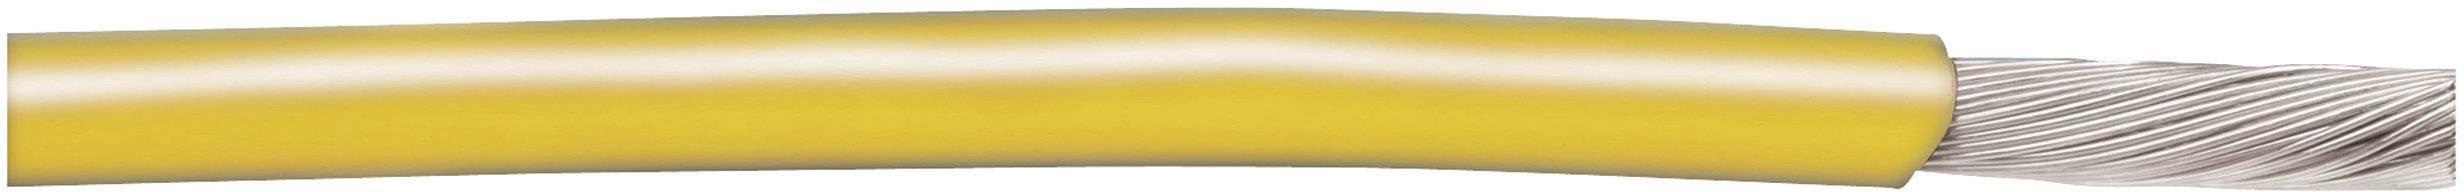 Opletenie / lanko AlphaWire 3055 GR005 1 x 0.82 mm², vonkajší Ø 2 mm, 30.5 m, zelená